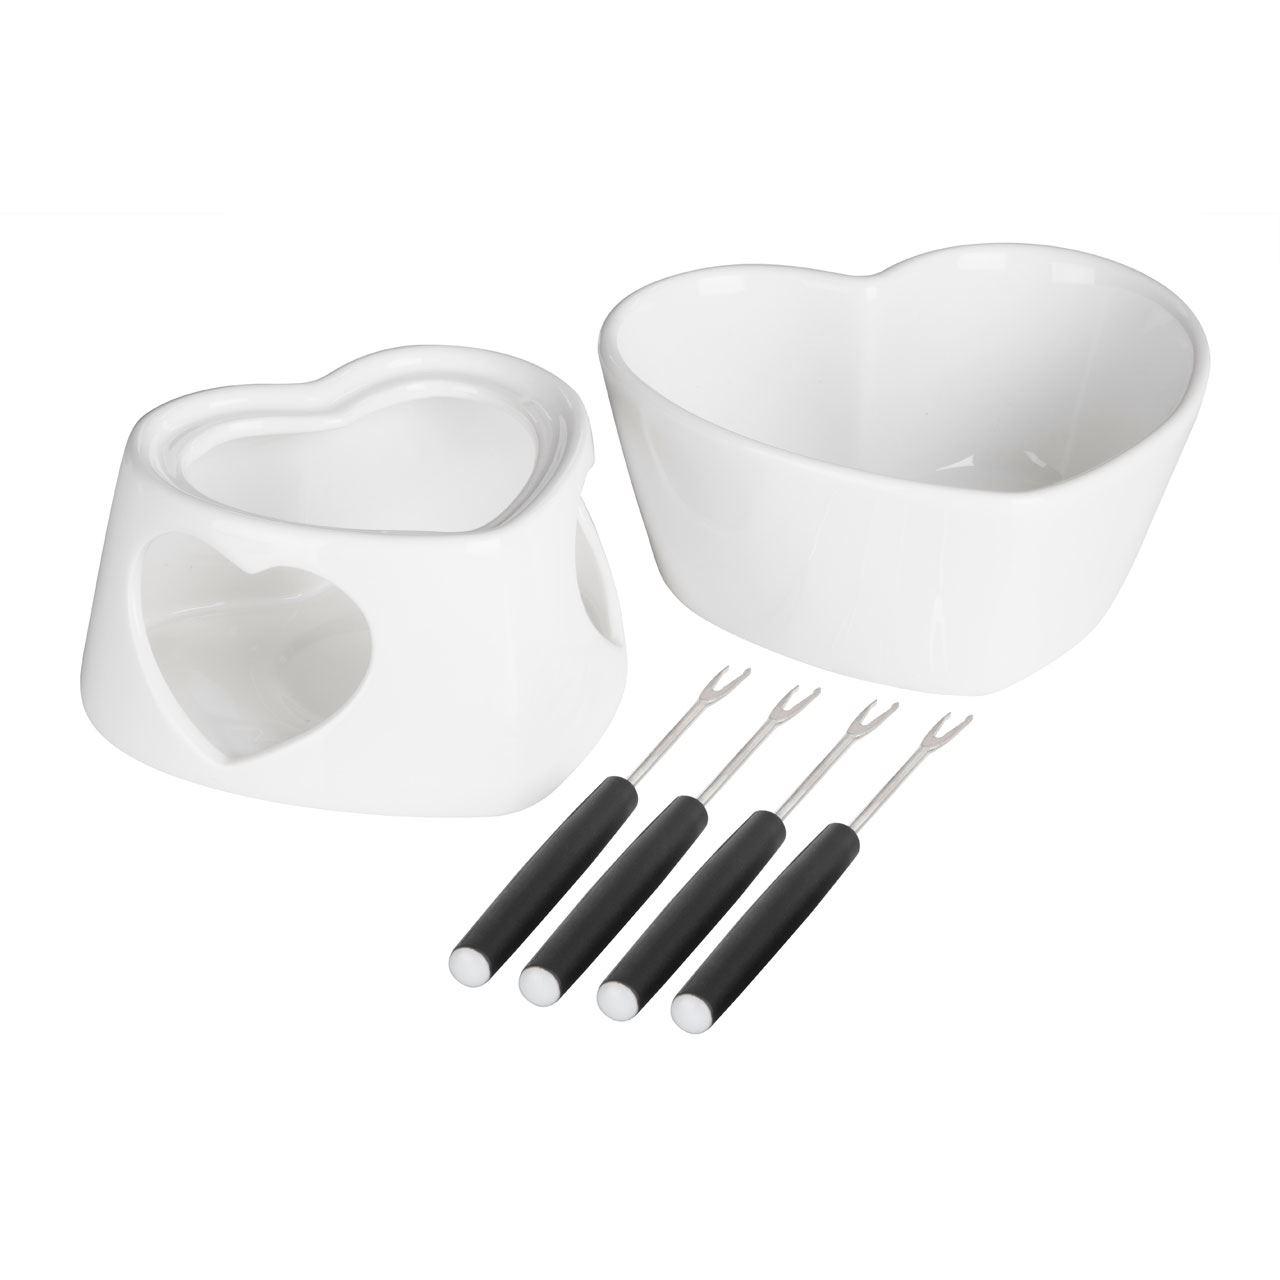 Venus Fondue Set,White Dolomite,4 X Forks / 1 X Dish